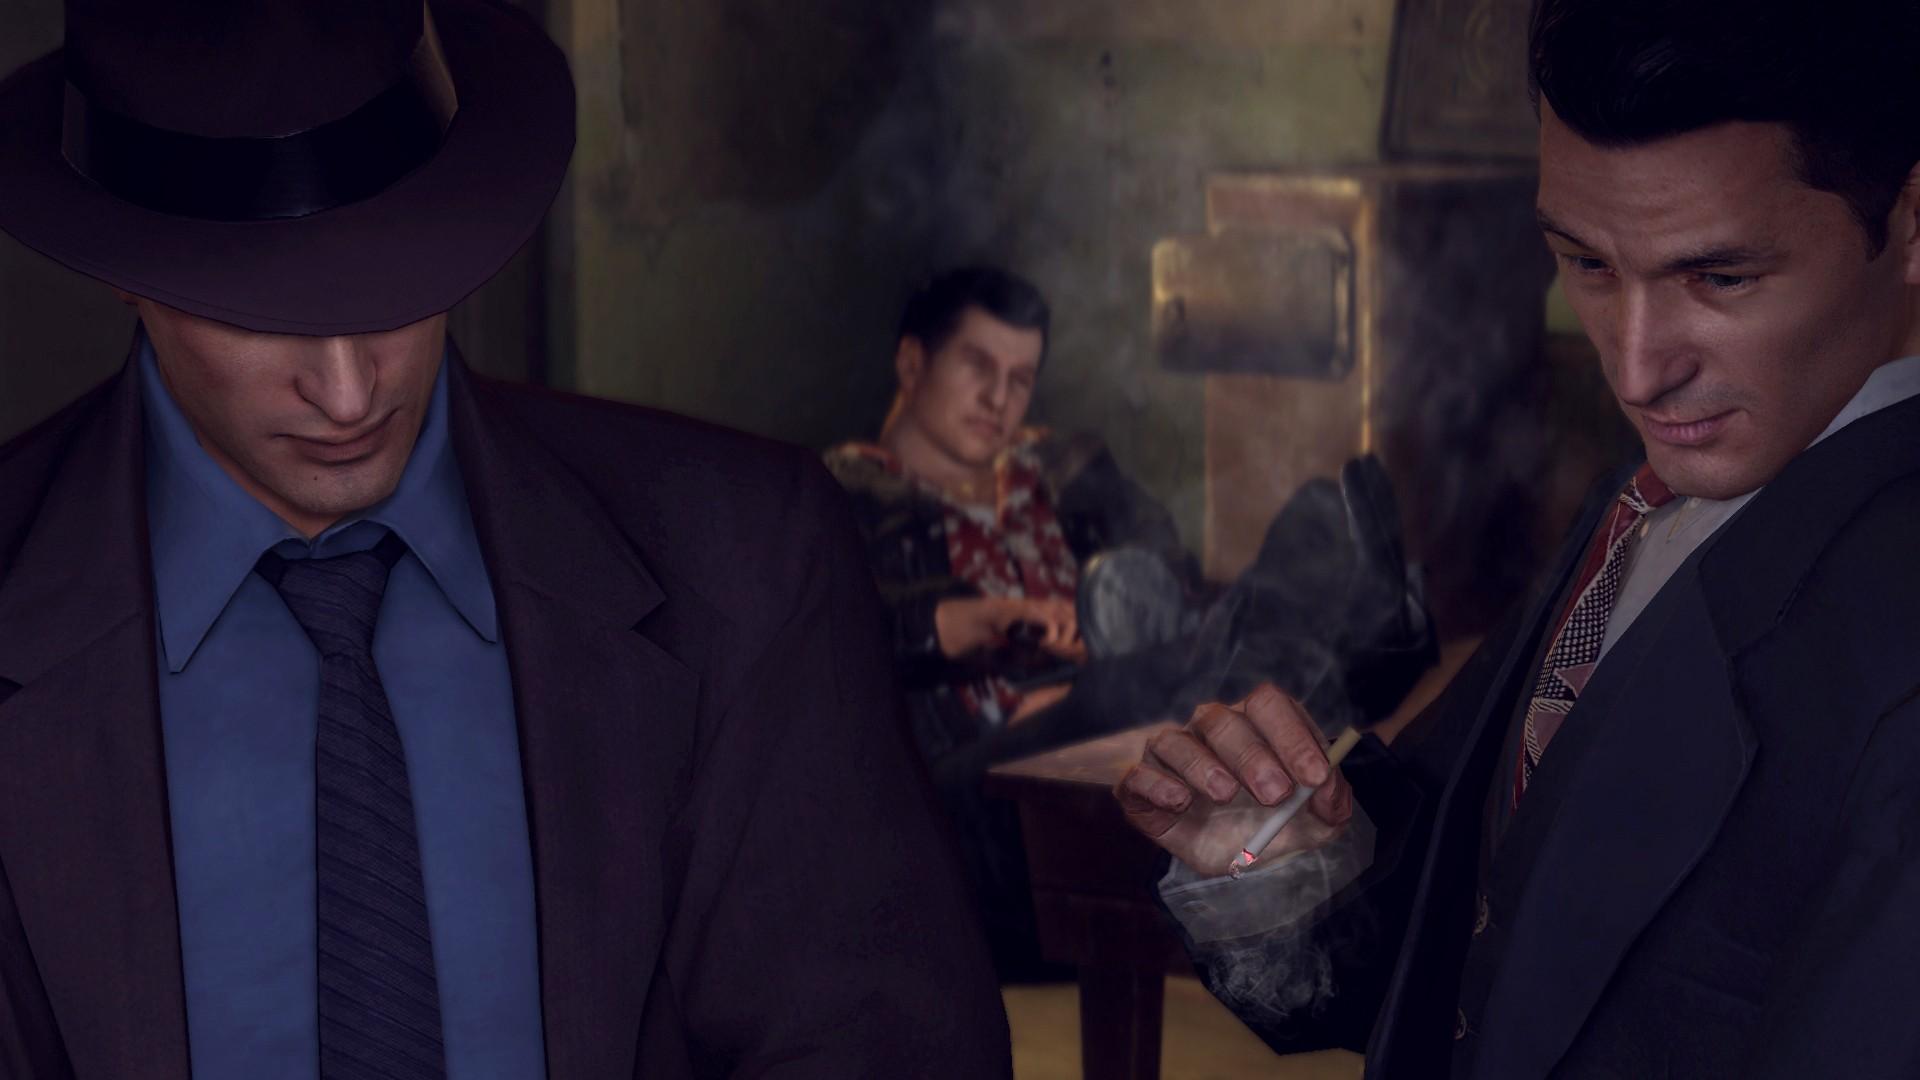 Hype Story: Ohlédnutí za Mafií 2 7211